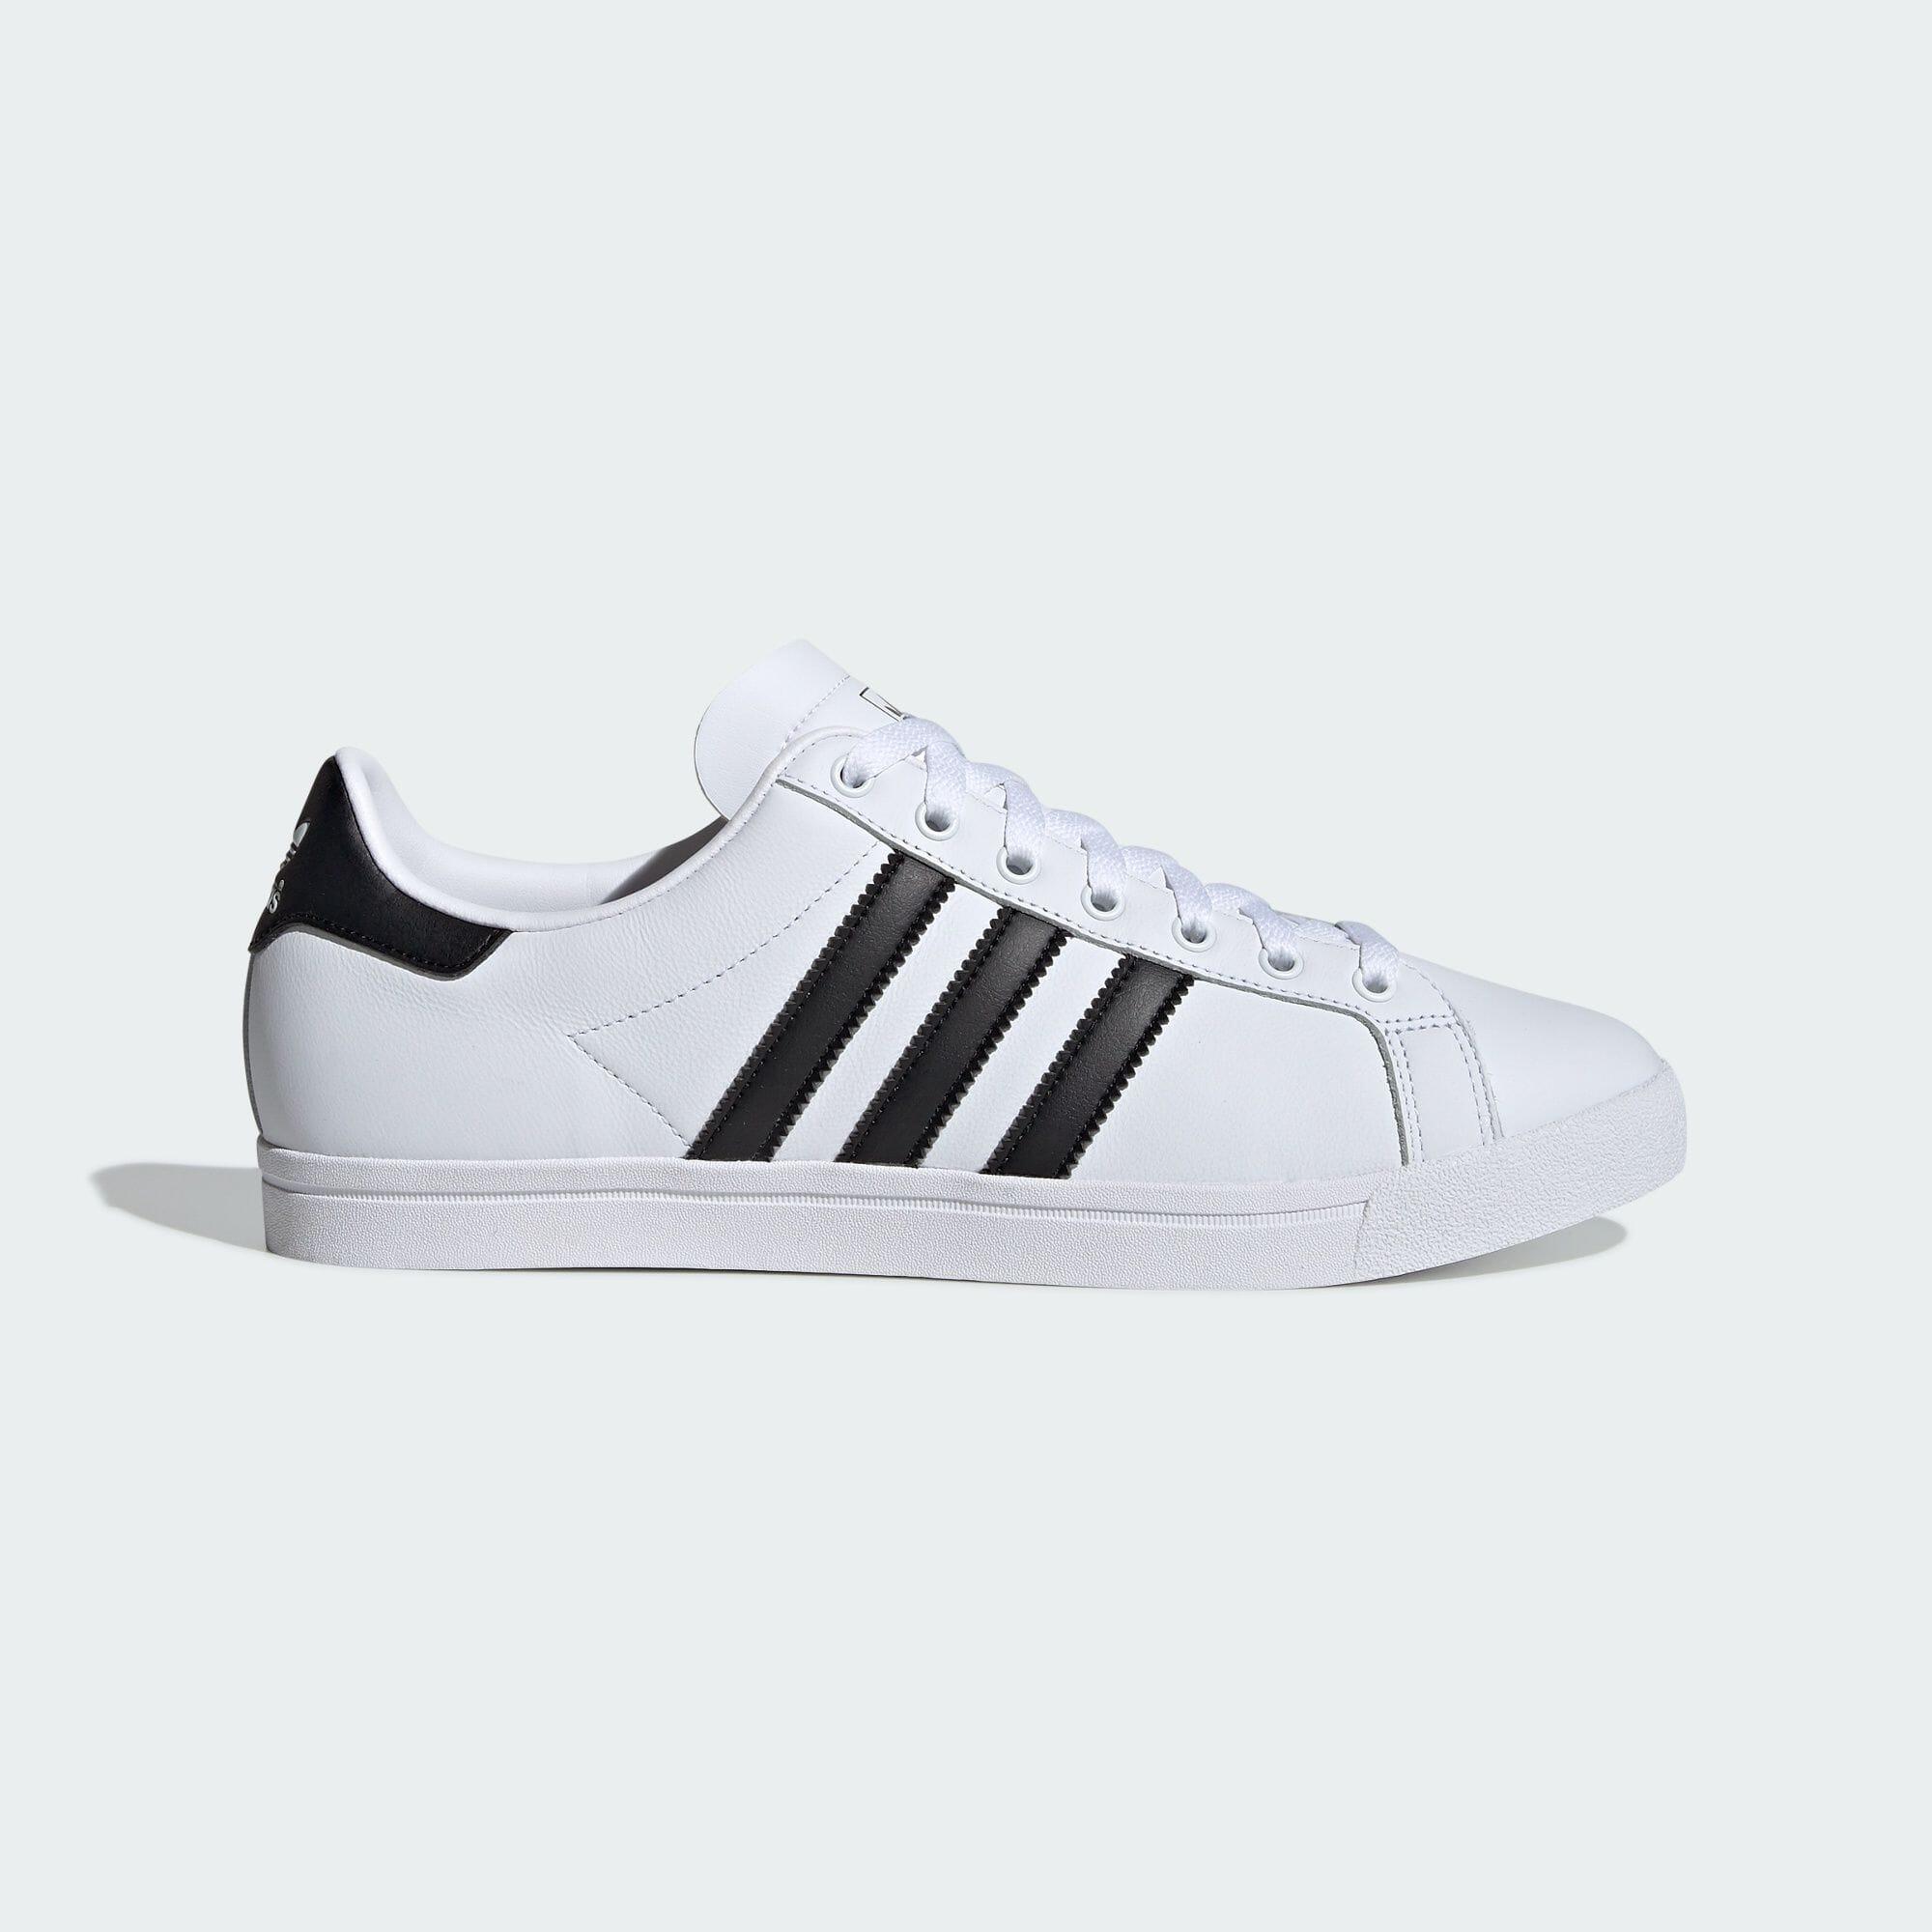 コースト スター [Coast Star Shoes]